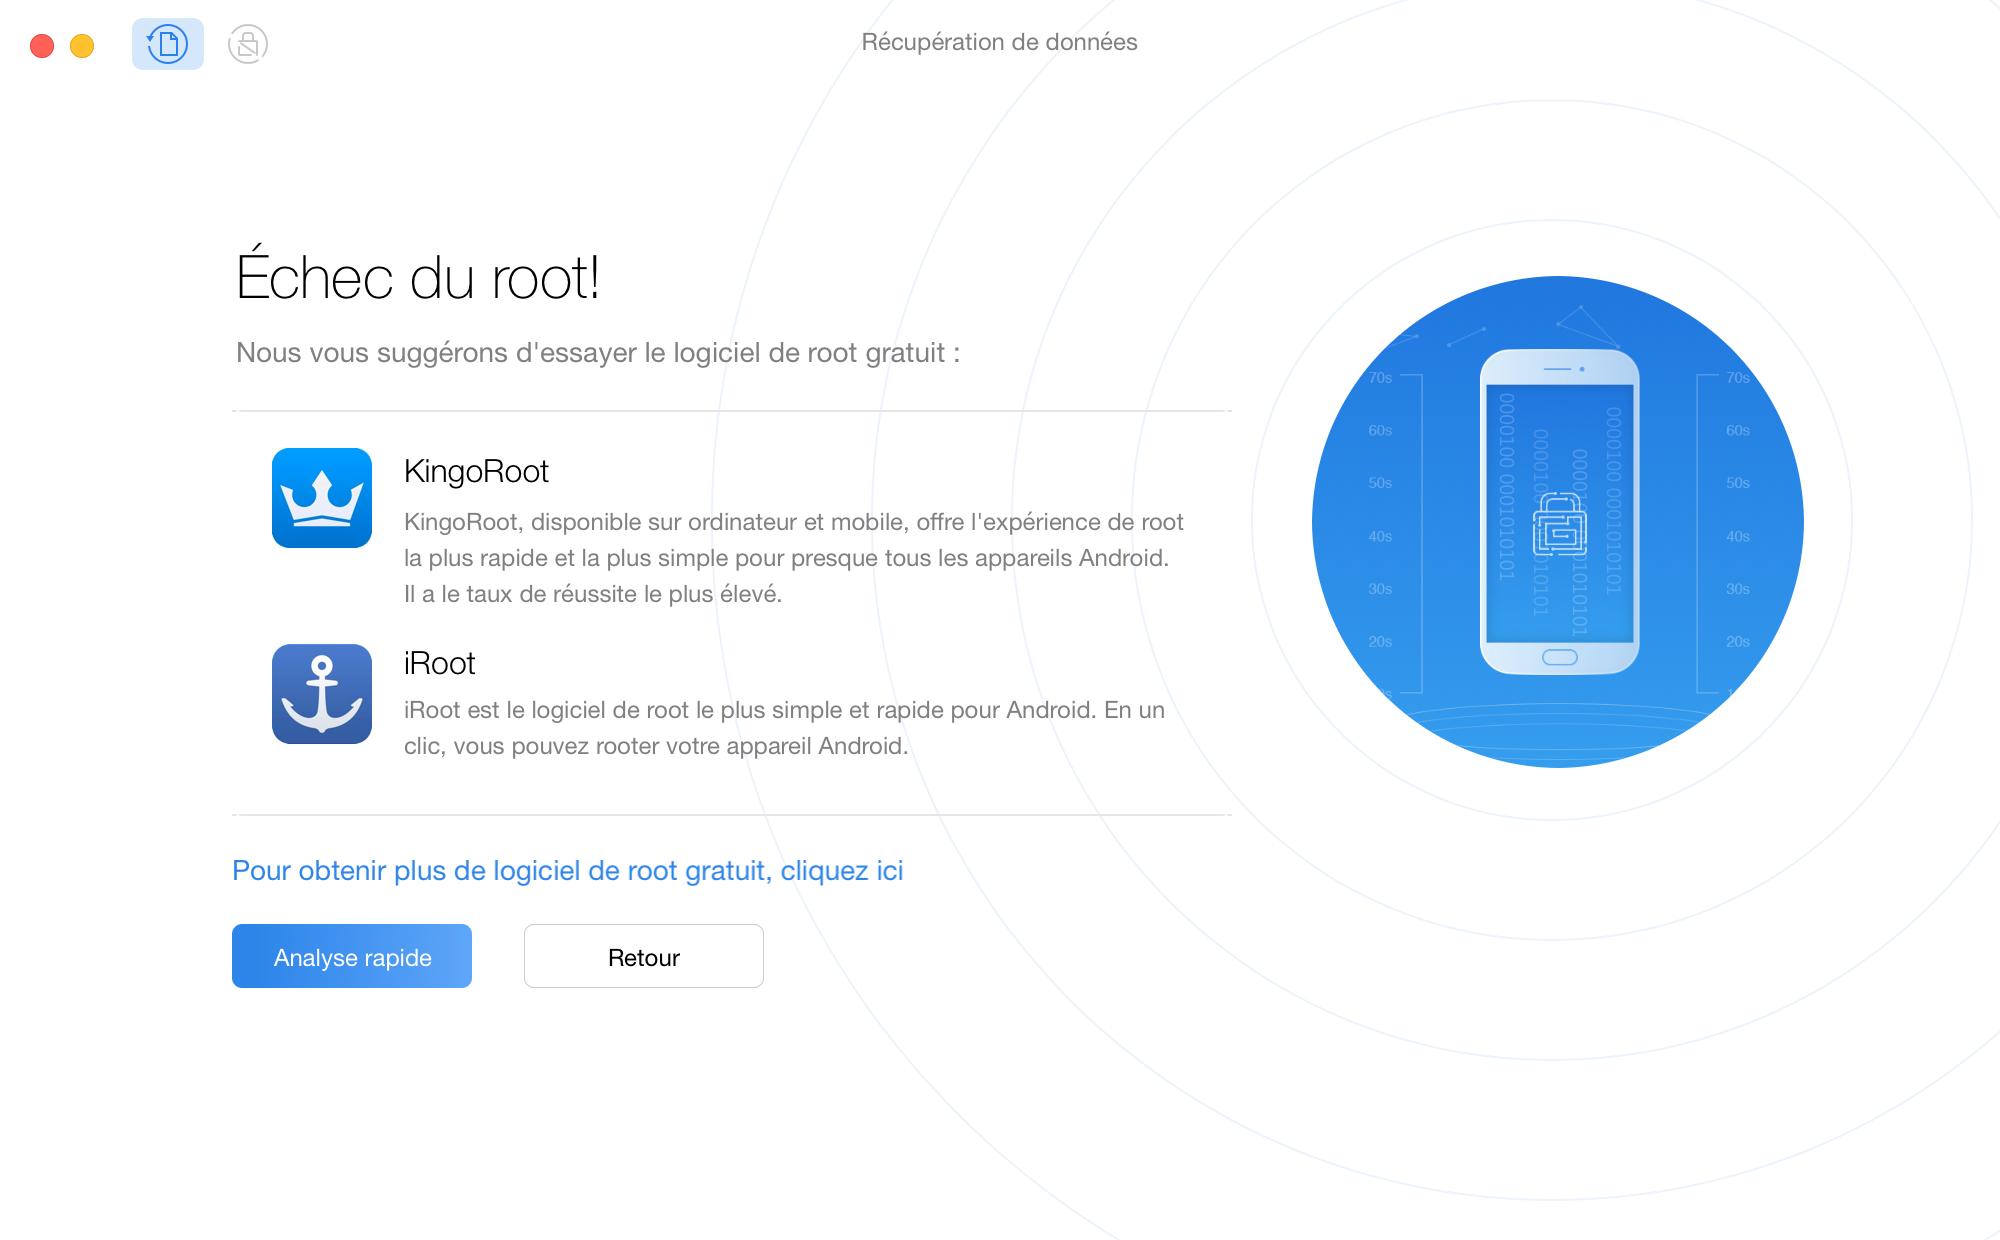 Échec du root de l'appareil Android